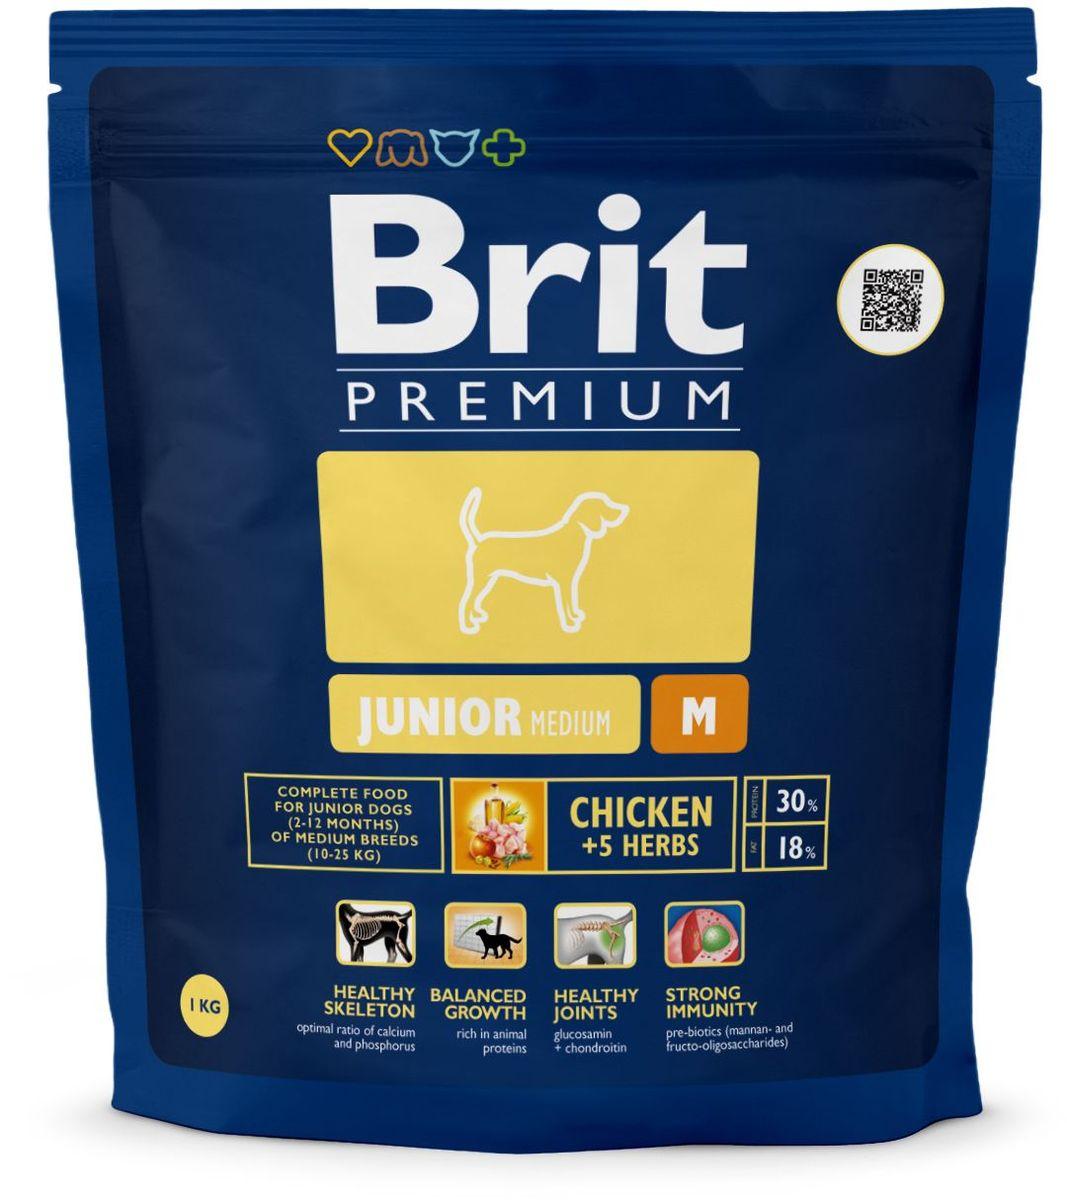 Корм сухой Brit Premium Junior M для молодых собак средних пород от 2 до 12 месяцев, с курицей, 1 кг132353Высококачественный корм Brit Premium Junior M является полнорационным кормом для щенков и молодых собак (2-12 месяцев) средних пород (10-25 кг). Как правило, собаки средних пород - рабочие собаки. Для активно работающих собак очень важно иметь правильное пищеварение и здоровый пищеварительный тракт, что в полной мере может обеспечить баланс клетчатки и пребиотиков, который оптимален в кормах Brit. Содержание Омега-3 и Омега-6 жирных кислот способствует правильному развитию и деятельности головного мозга, что особенно важно для собак рабочих пород, т.к. они должны иметь высокую способность к быстрому обучению. Жирные кислоты так же поддерживают отличное состояние кожи и шерсти, способствует скорейшему заживлению ран и восстановлению после травм, а входящие в состав активные антиоксиданты, поддерживают развитие деятельности иммунной системы. Средние породы склонны к ожирению, поэтому для них необходим оптимальный баланс протеинов и жиров. Состав: мука из мяса курицы (42%), рис, кукуруза, пшеница, куриный жир (консервированный токоферолами), масло лосося, пивные дрожжи, натуральные ароматизаторы, сушеные яблоки, минеральные вещества, экстракт из трав и фруктов (300 мг/кг), глюкозамина гидрохлорид (260 мг/кг), хондроитина сульфат (160 мг/кг), мананоолигосахариды (150 мг/кг), фруктоолигосахариды (100 мг/кг), экстракт юкки шидигеры (80 мг/кг), органическая медь, органический цинк, органический селен. Пищевая ценность: сырой протеин - 30%, сырой жир - 18%, влага - 10%, сырая зола - 6,3%, сырая клетчатка - 2,4%, кальций - 1,5%, фосфор - 1%. Пищевые добавки на 1 кг: витамин А - 20000 МЕ, витамин D3 - 1900 МЕ, витамин Е (а-токоферол) - 600 мг, Е1 железо - 80 мг, Е6 цинк - 70 мг, Е5 марганец - 36 мг, Е4 медь - 20 мг, Е2 йод - 0,65 мг, Е8 селен - 0,2 мг. Энергетическая ценность: 4329 ккал/кг. Товар сертифицирован.